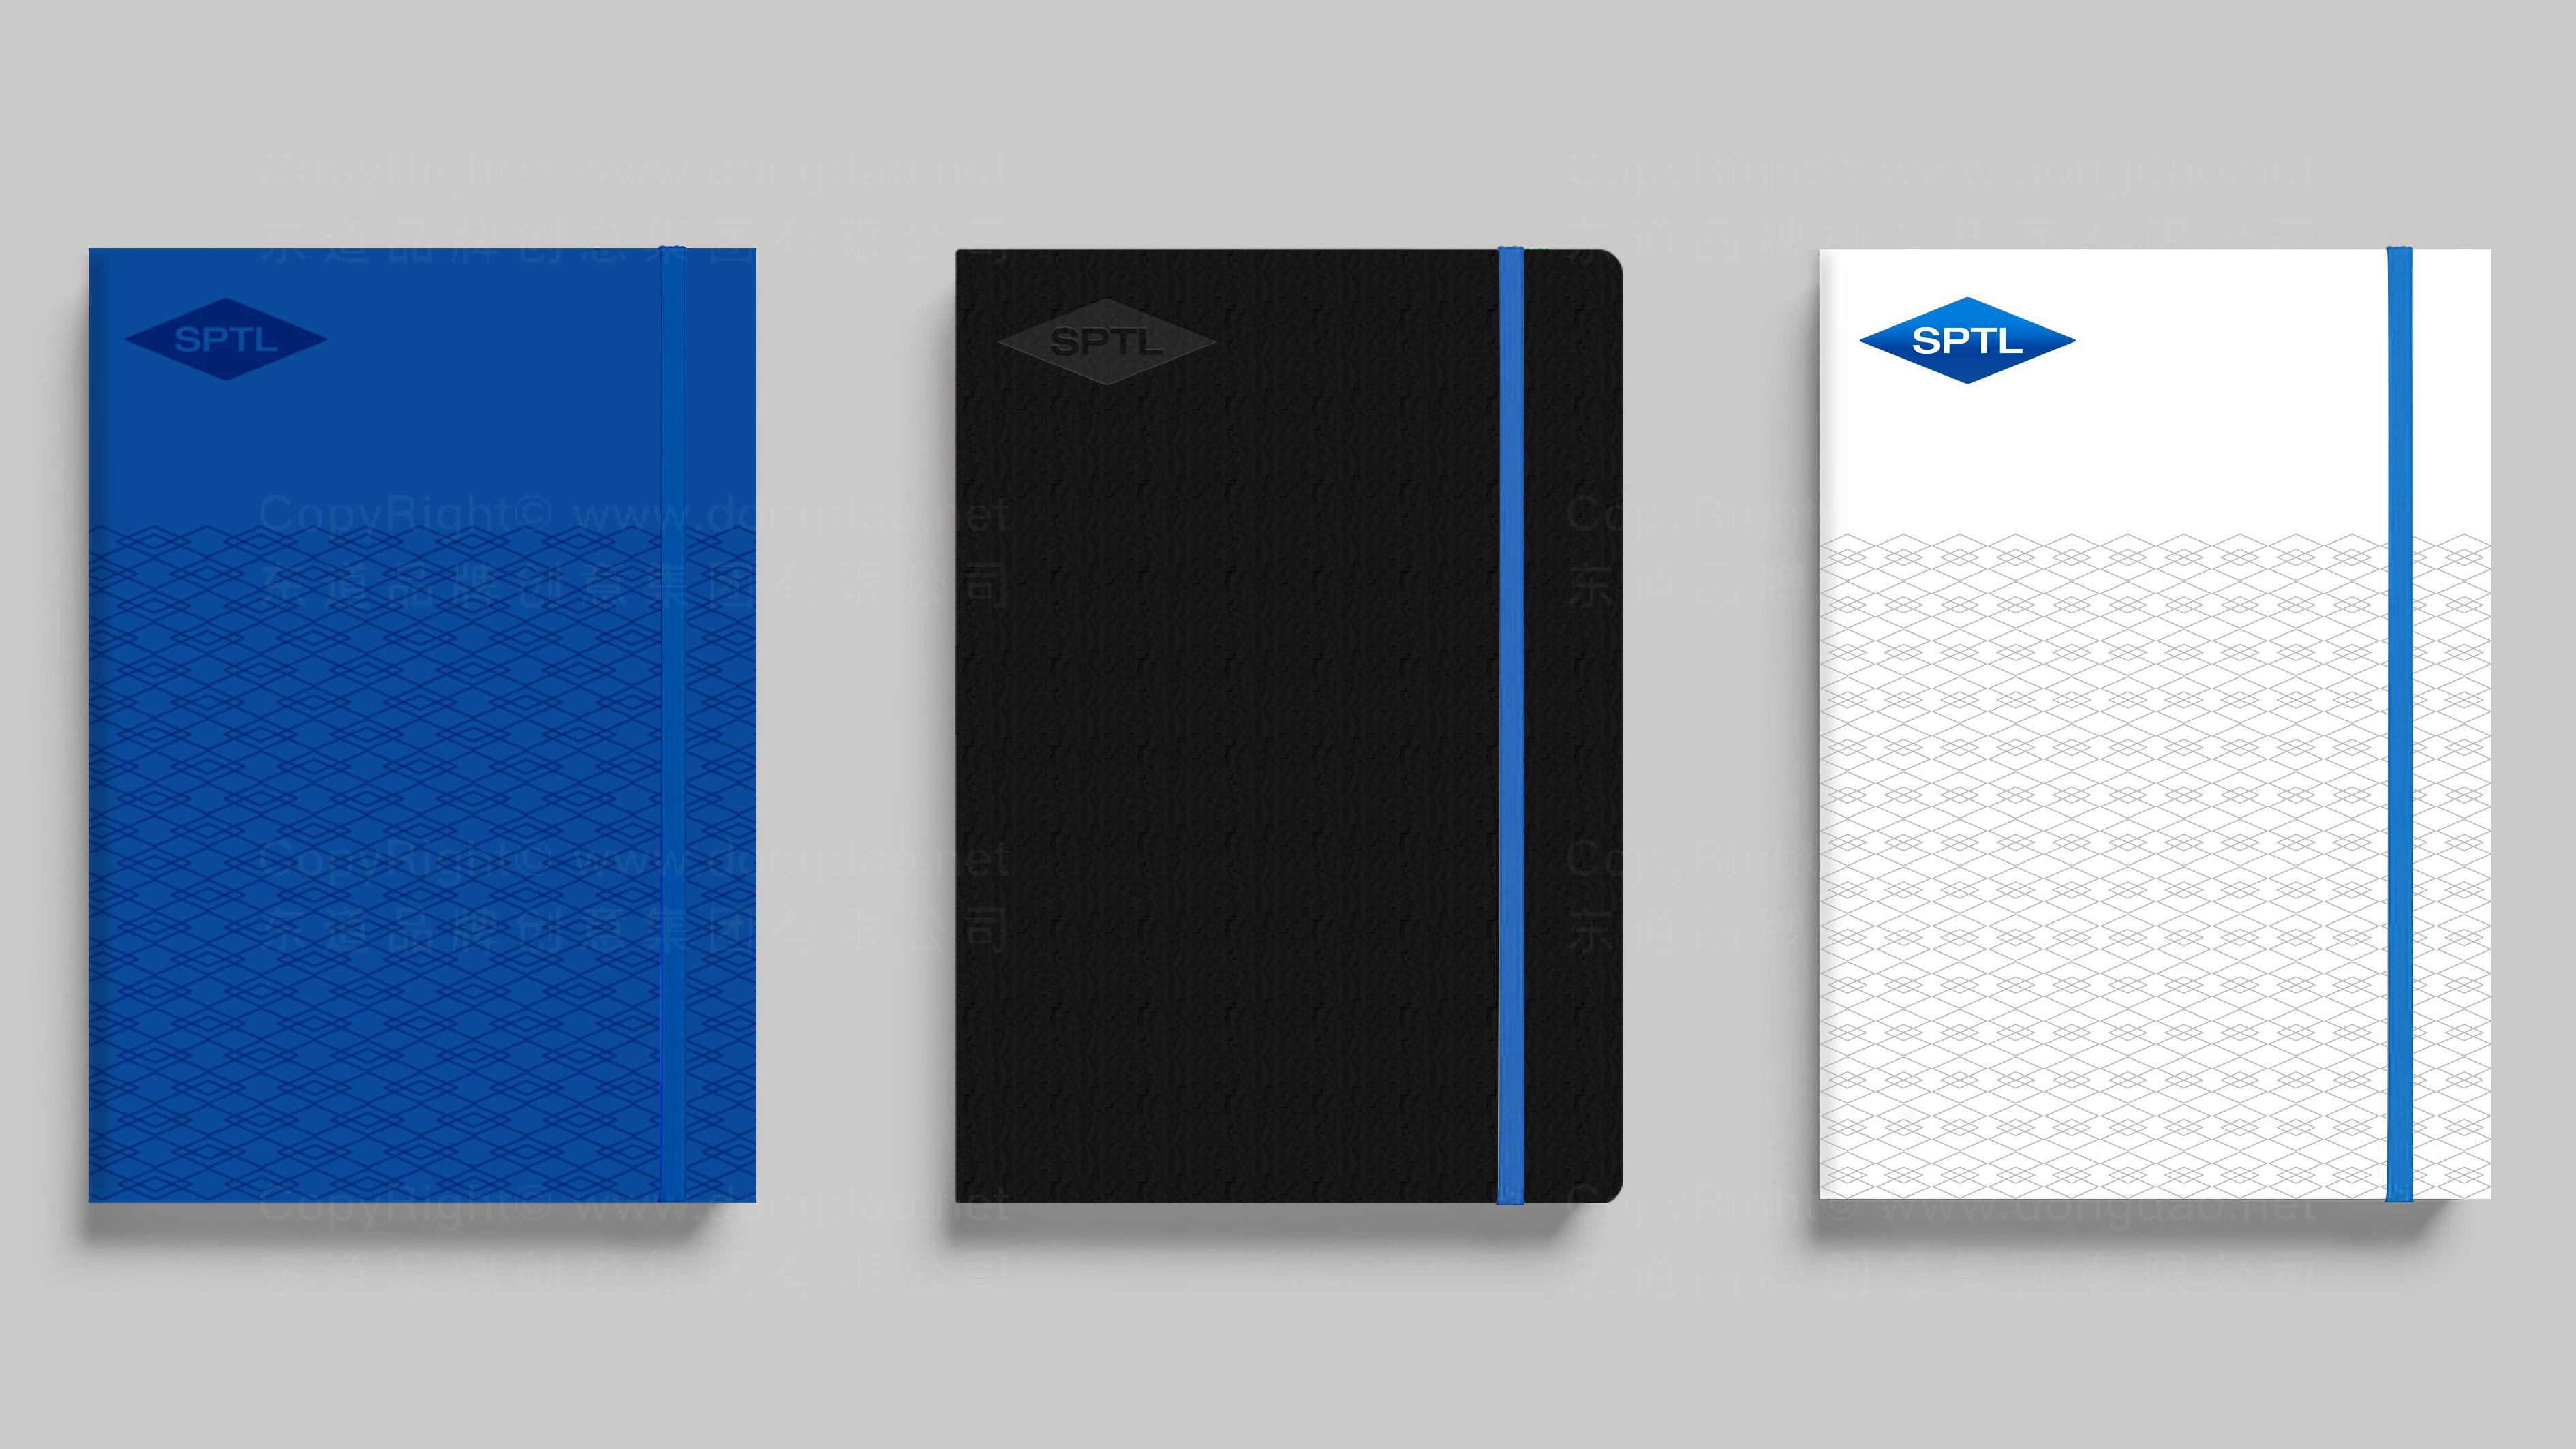 品牌设计上海专利商标事务所有限公司标志设计应用场景_4